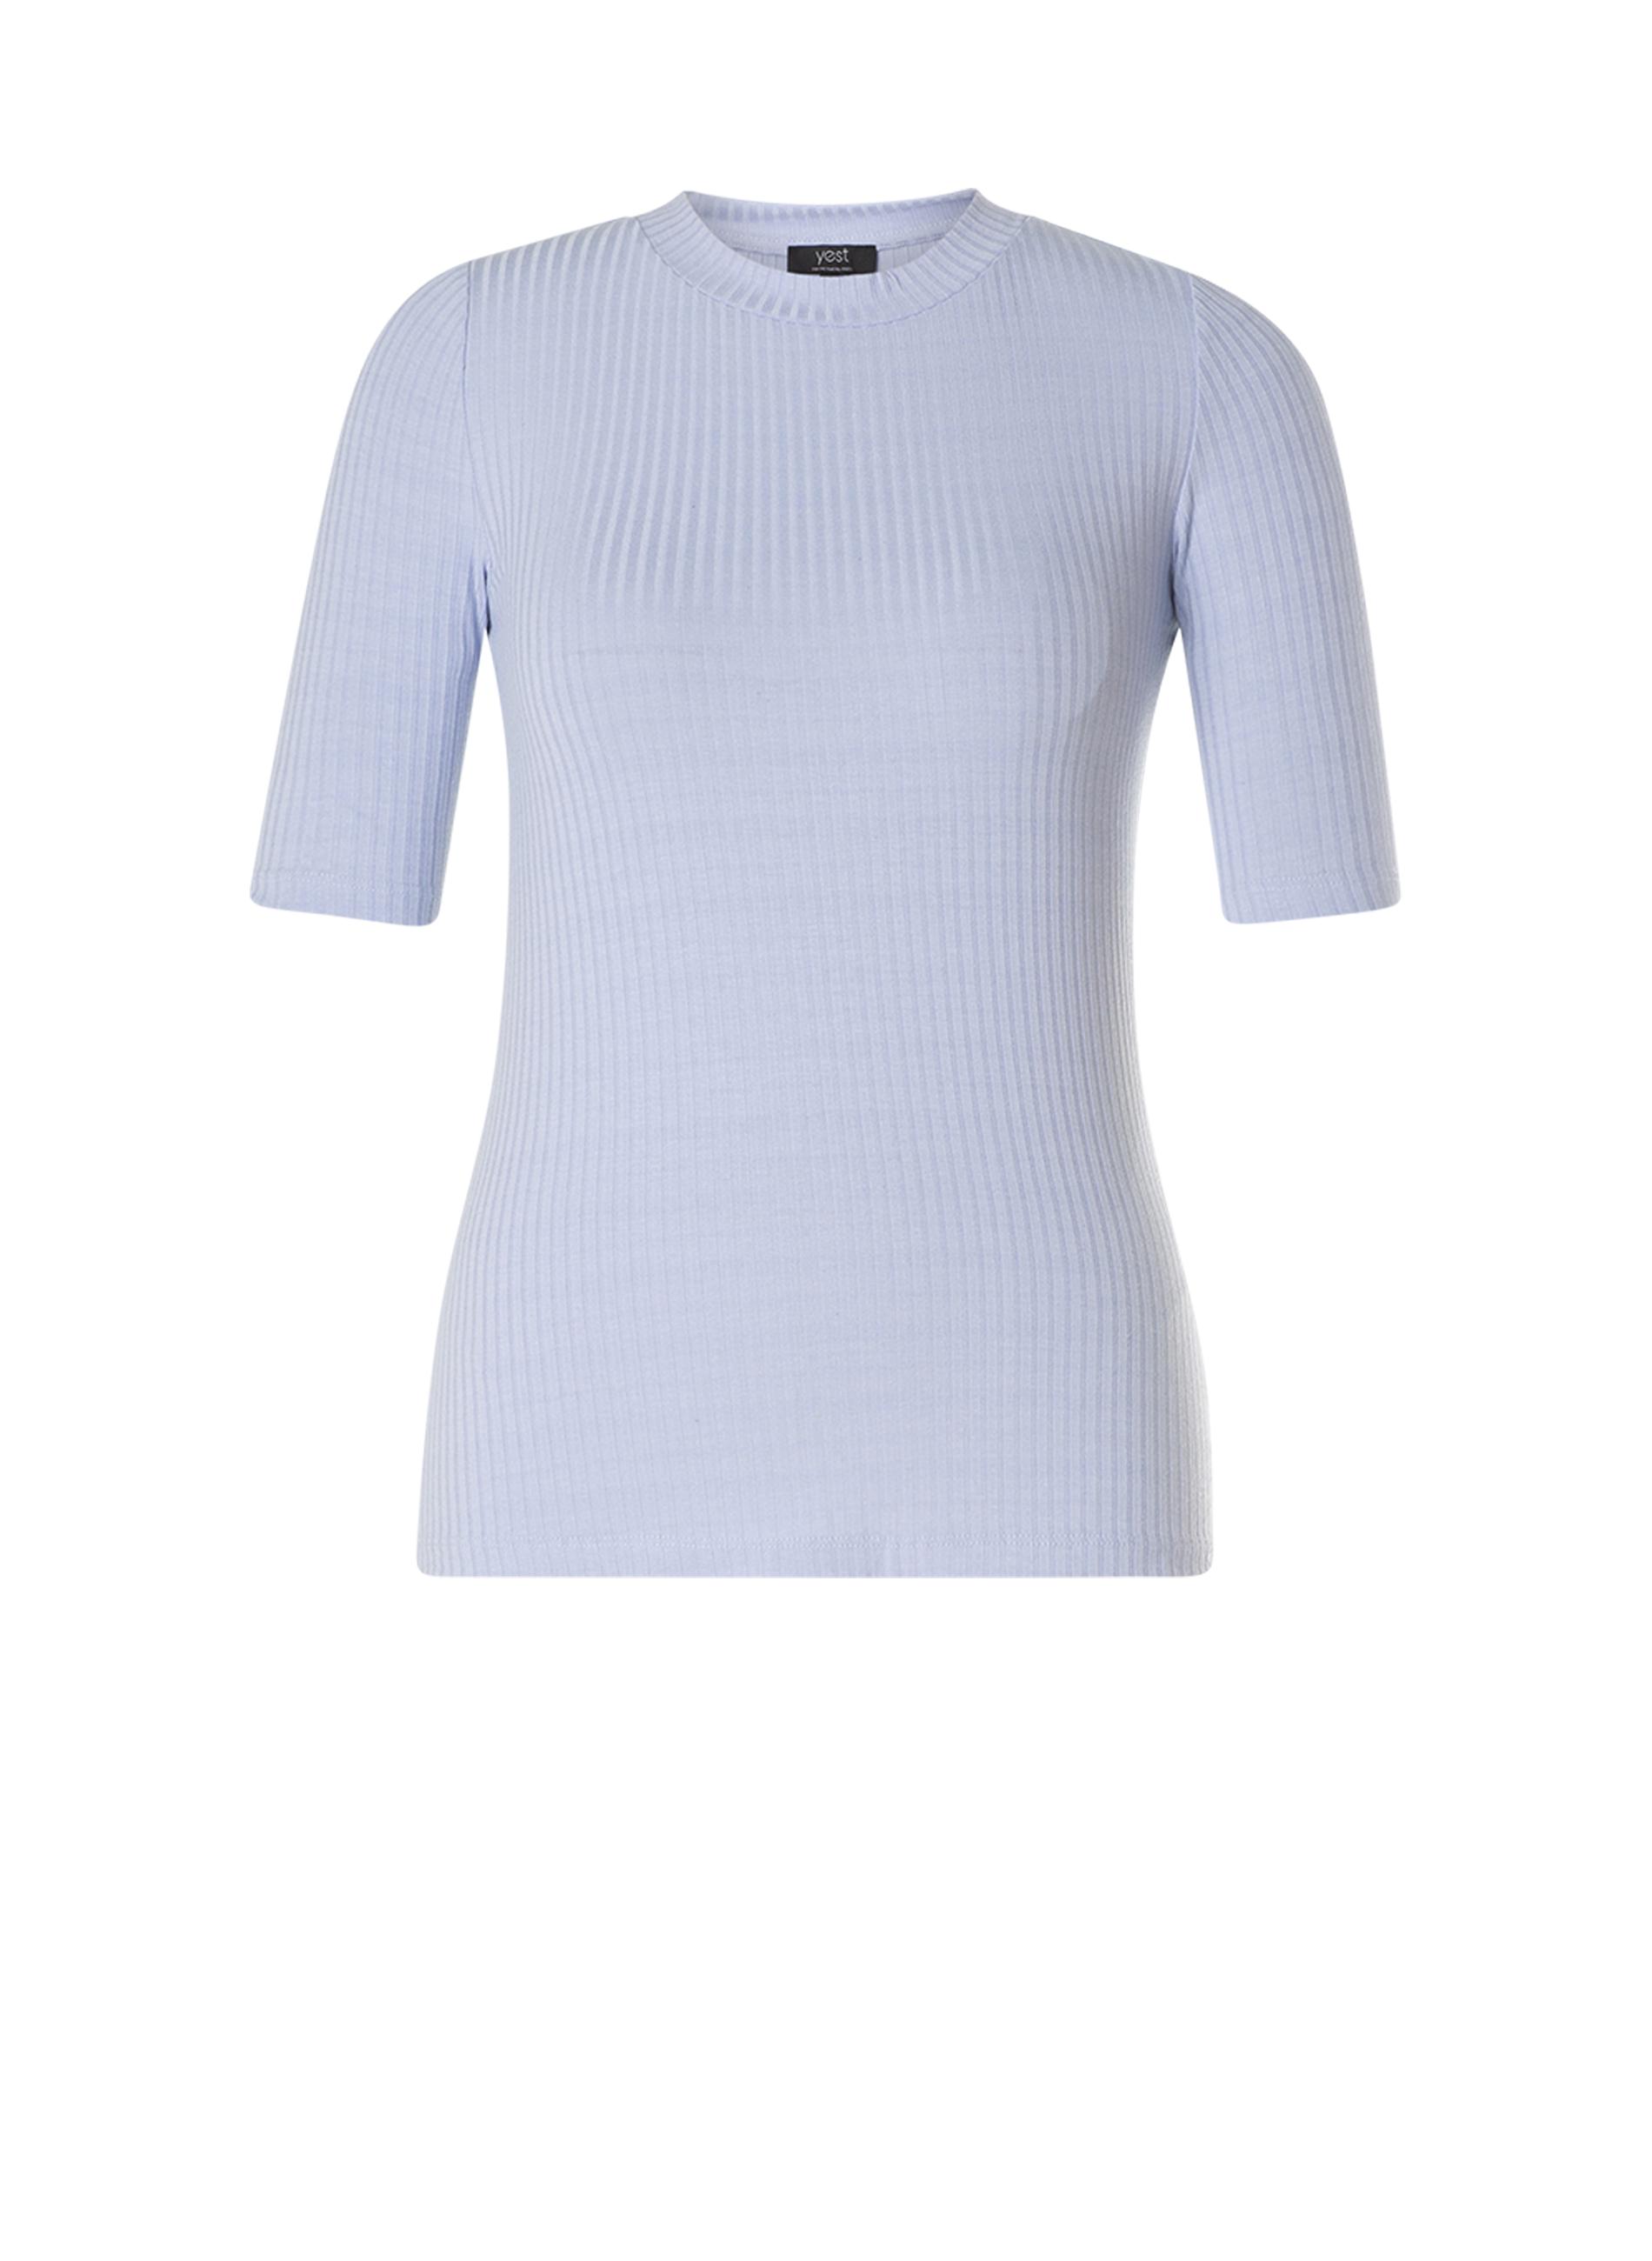 Shirt Gertrude Yest